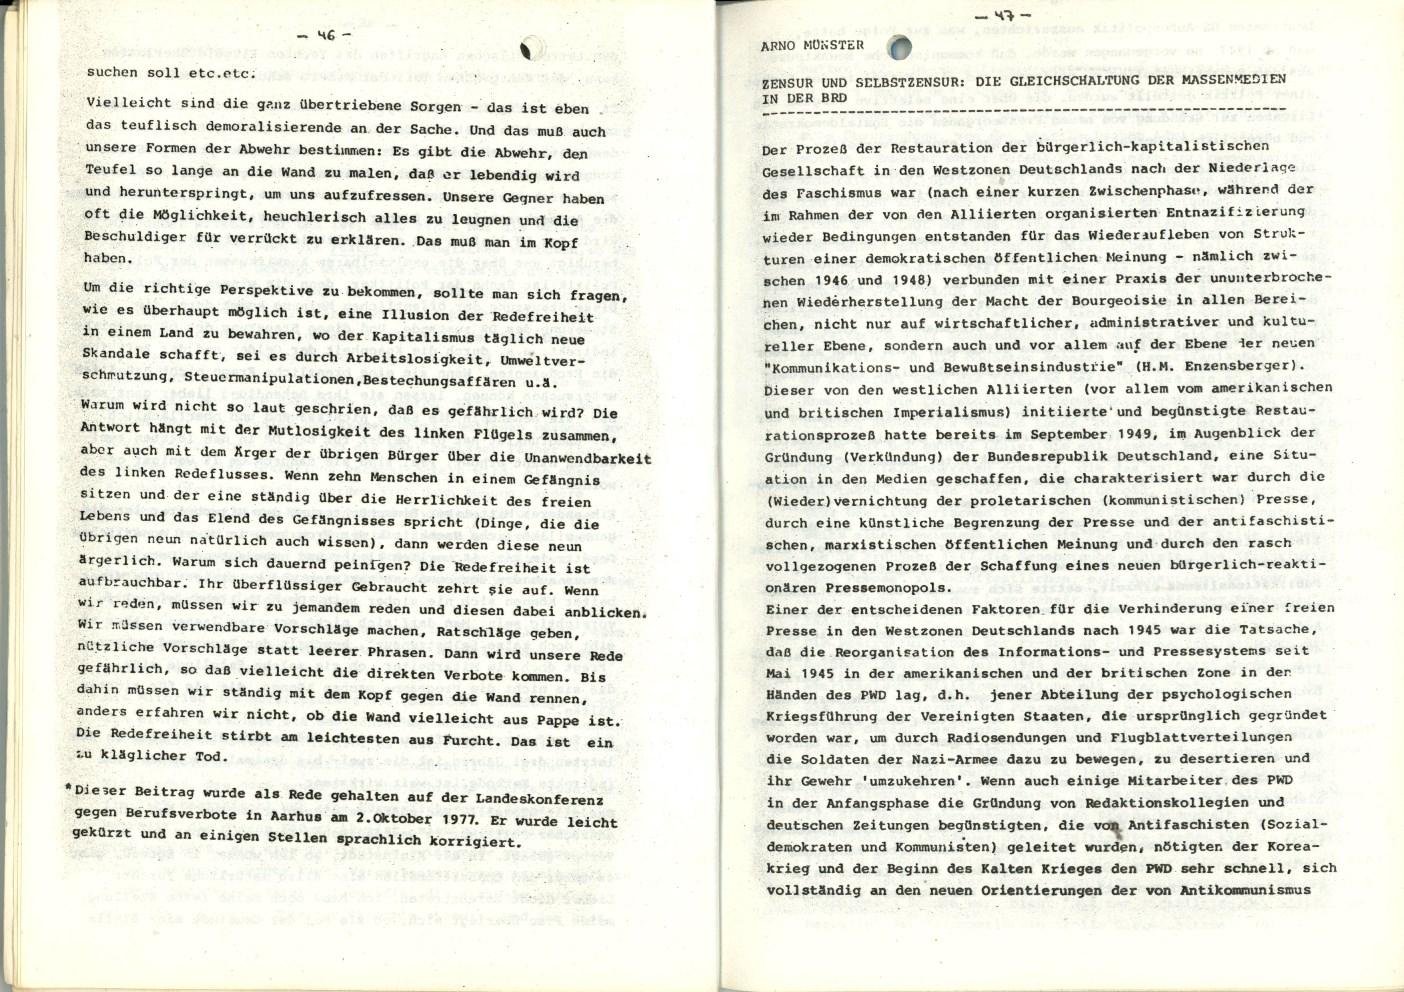 Hamburg_Vorbereitungsgruppe_Russell_Tribunal_Zensur_1978_24